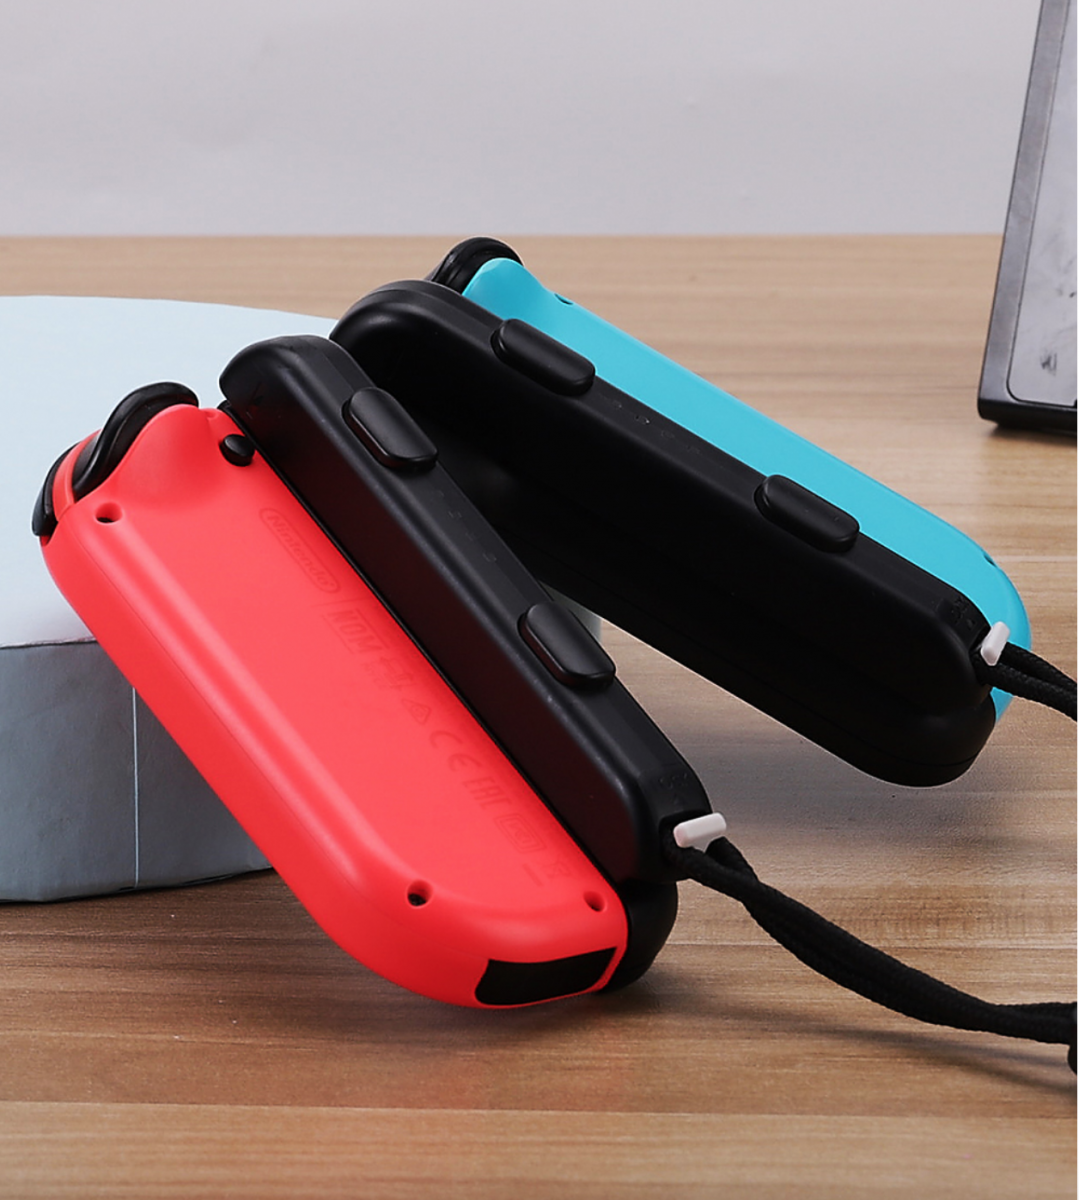 Купить держатель для Joy-cons с подзарядкой, GRIP для Nintendo Switch, Нинтендо Свитч